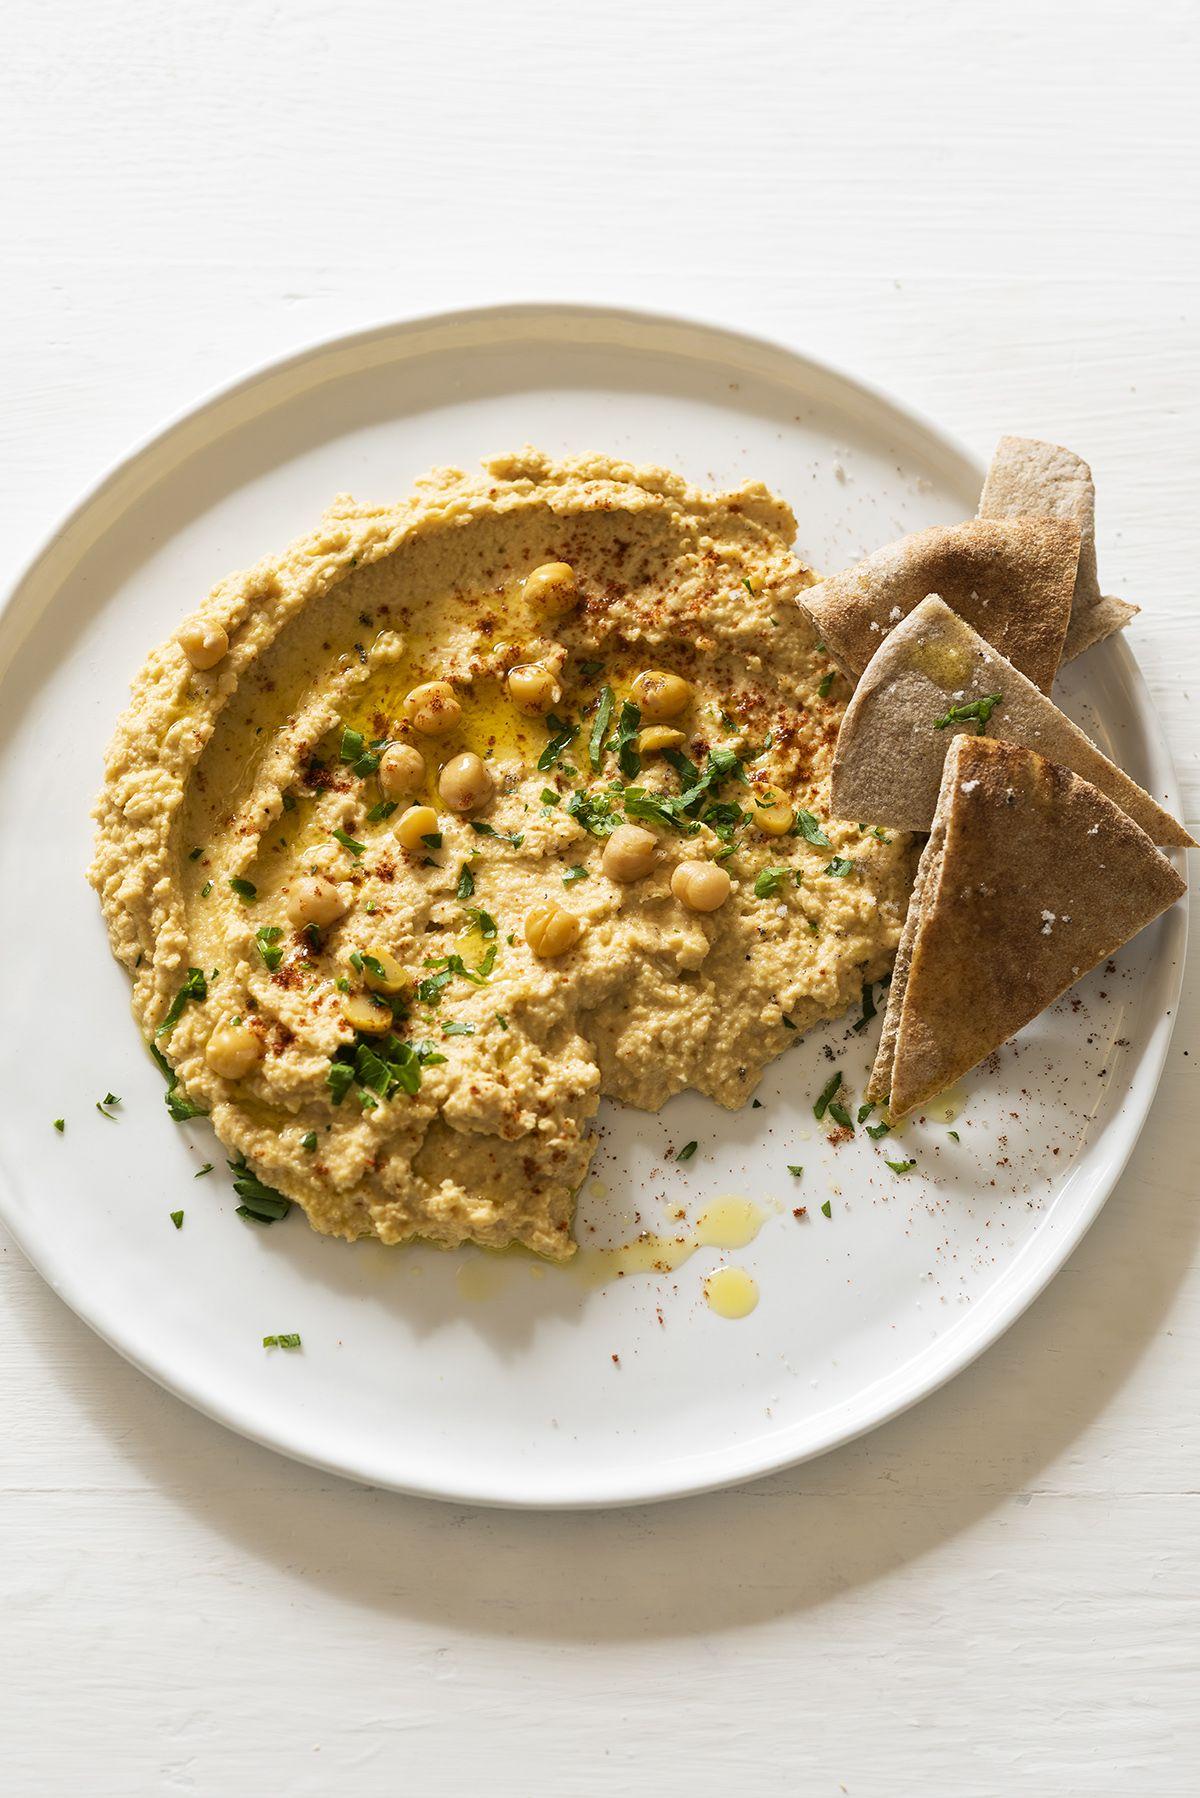 Los 9 Pasos Para Hacer El Mejor Hummus Enmicasa Com En 2020 Recetas Para Cocinar Hummus Recetas De Comida